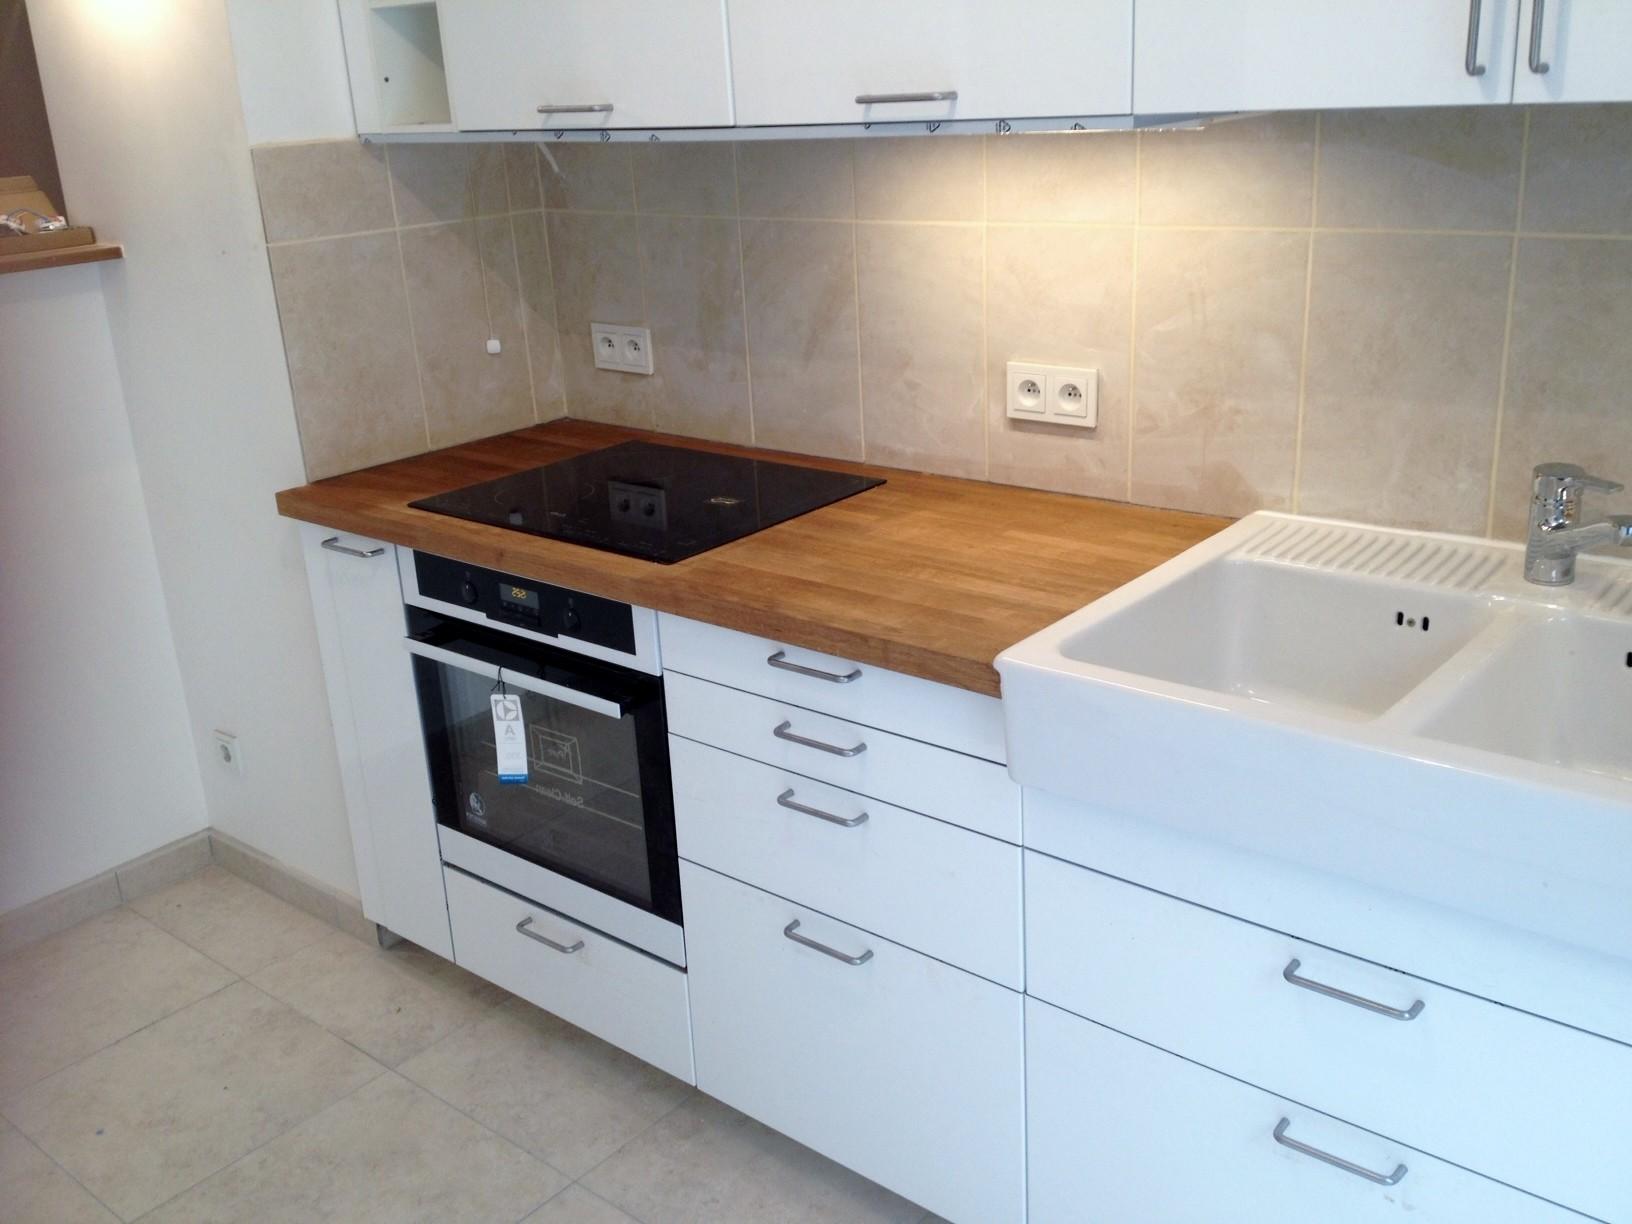 Meuble bas cuisine ikea profondeur 40 cuisine id es de d coration de maison vrngvorb3l - Ikea meuble cuisine bas ...